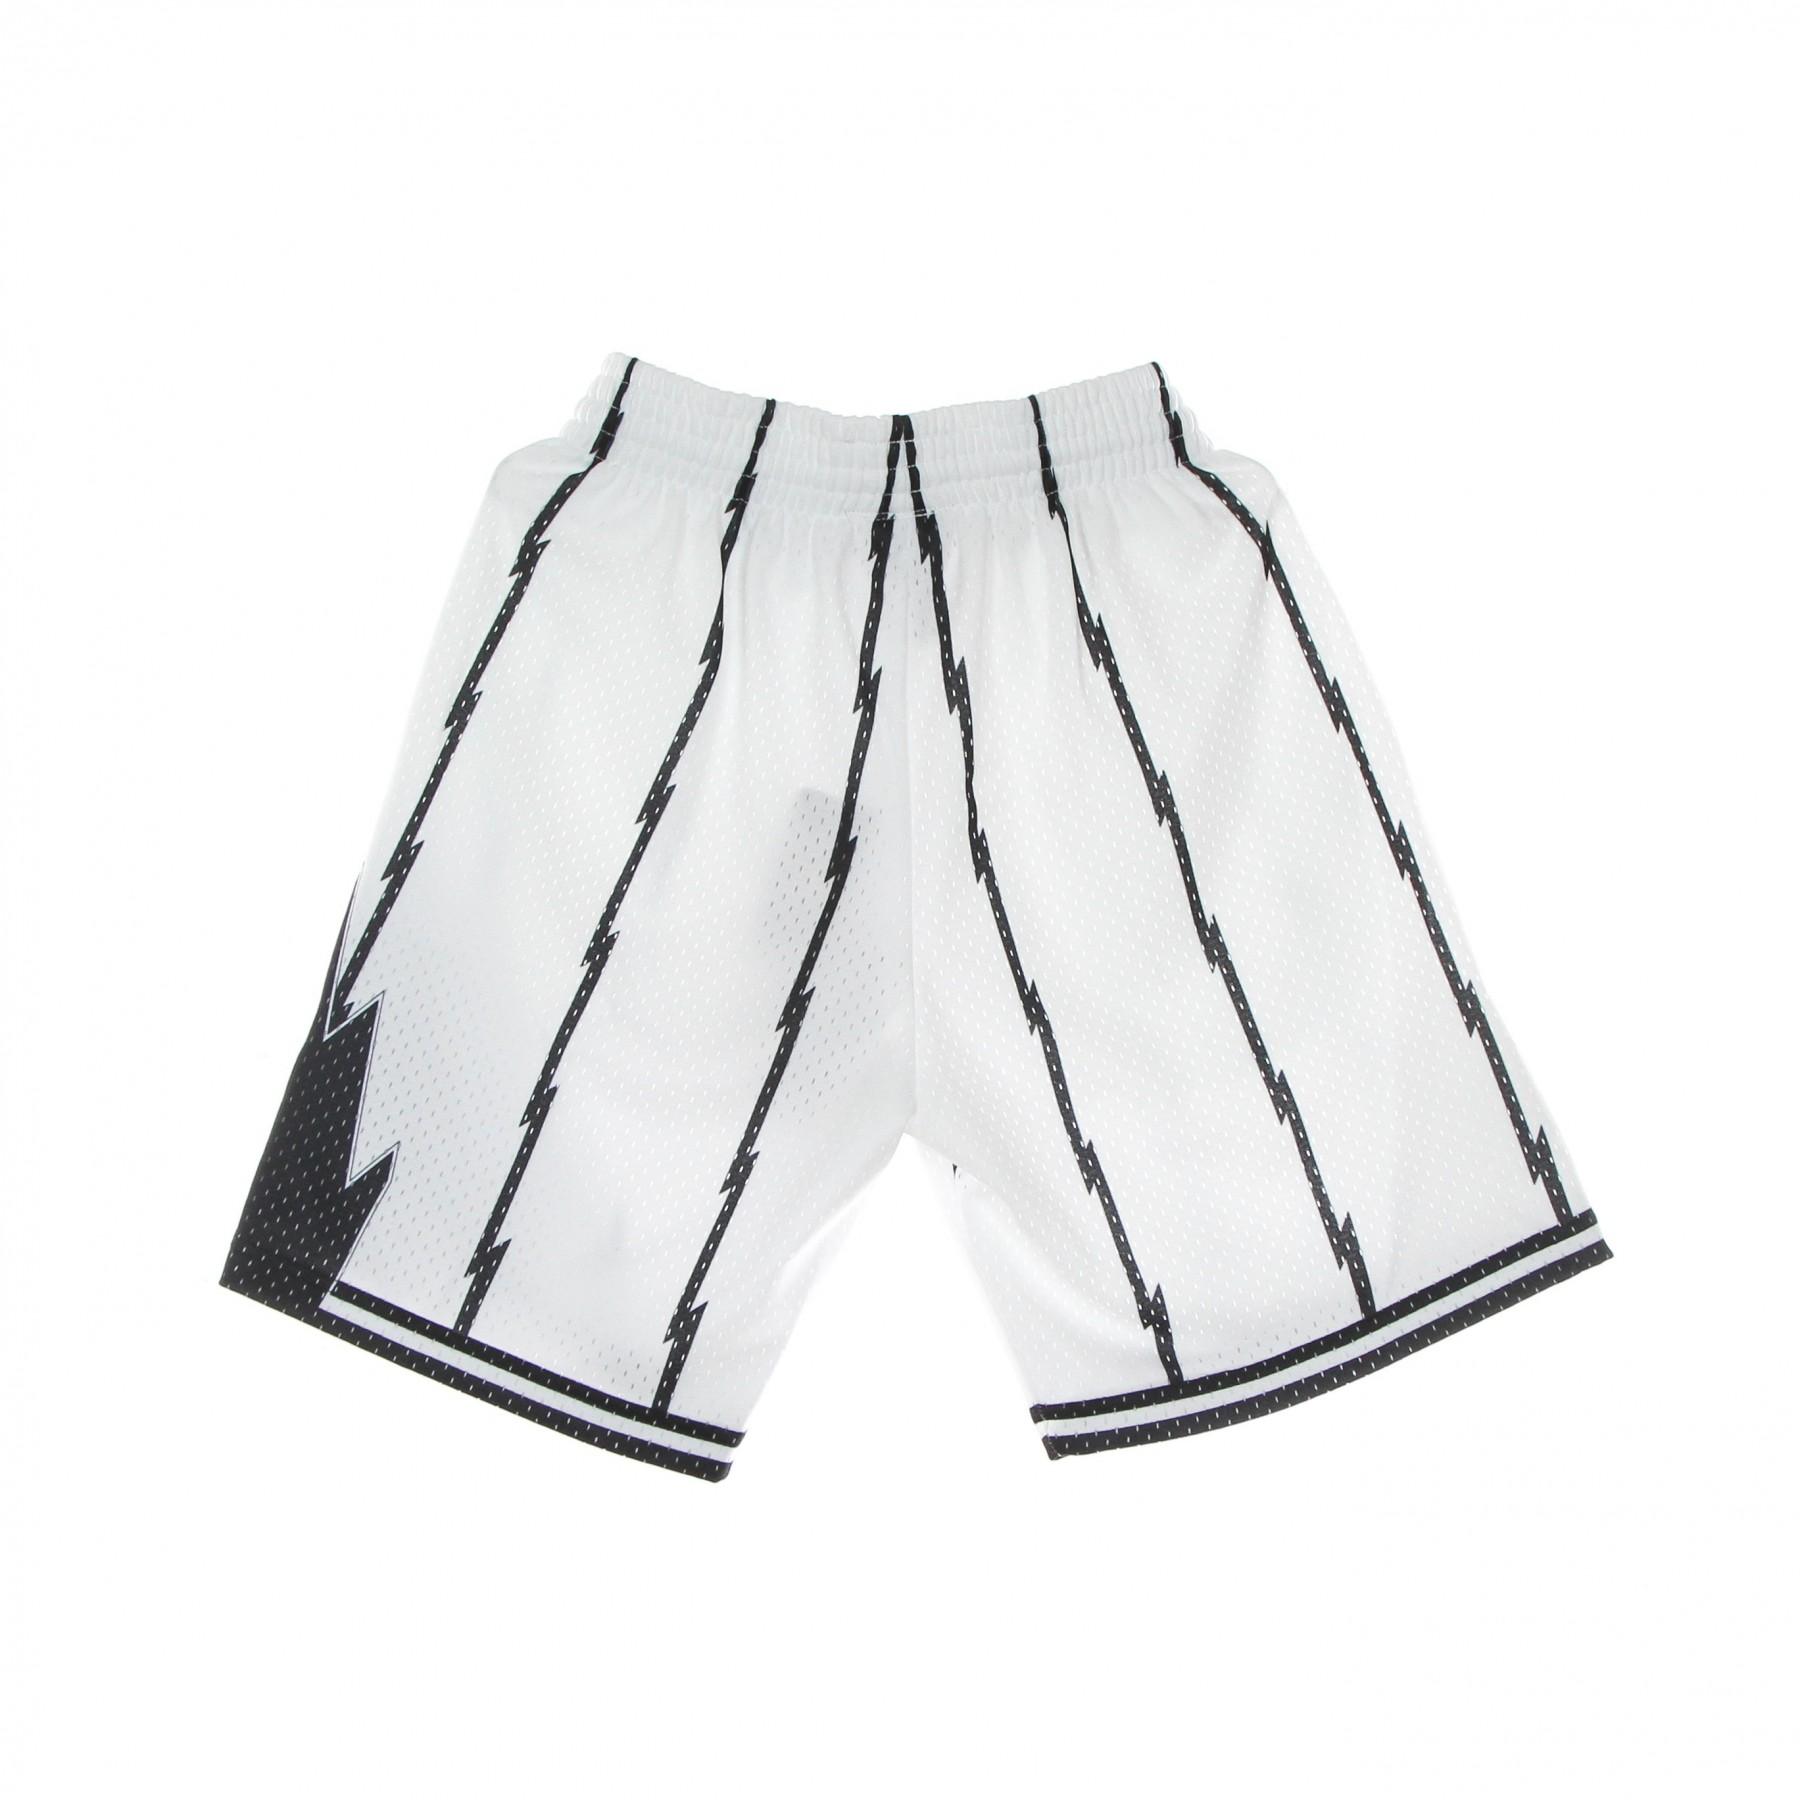 pantaloncino basket uomo nba white black swingman shorts hardwood classics torrap XL